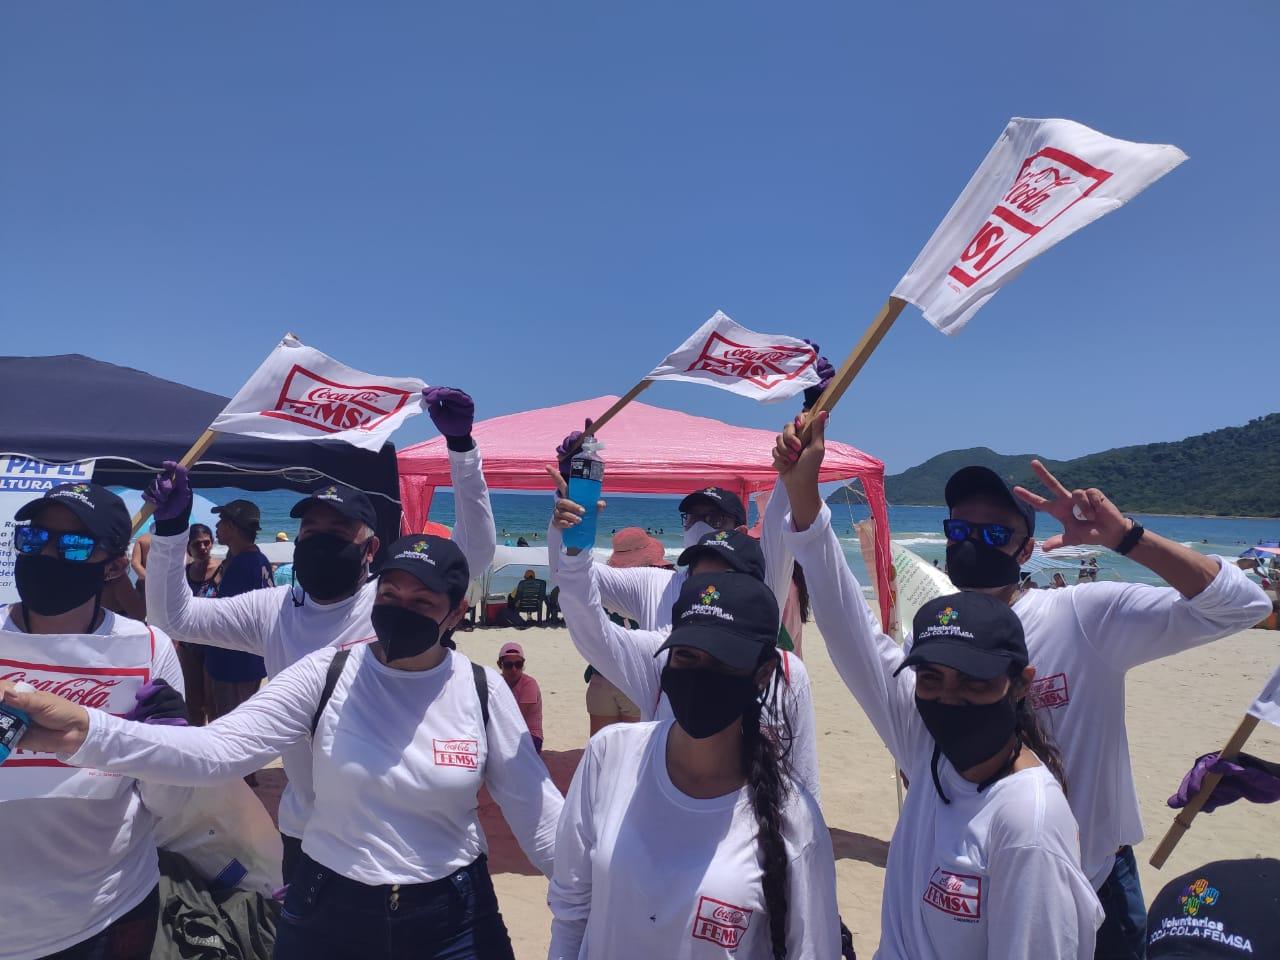 Coca-Cola FEMSA celebra día mundial de playas a lo largo de las costas venezolanas con recolección masiva de residuos e instalación de punto ecológico